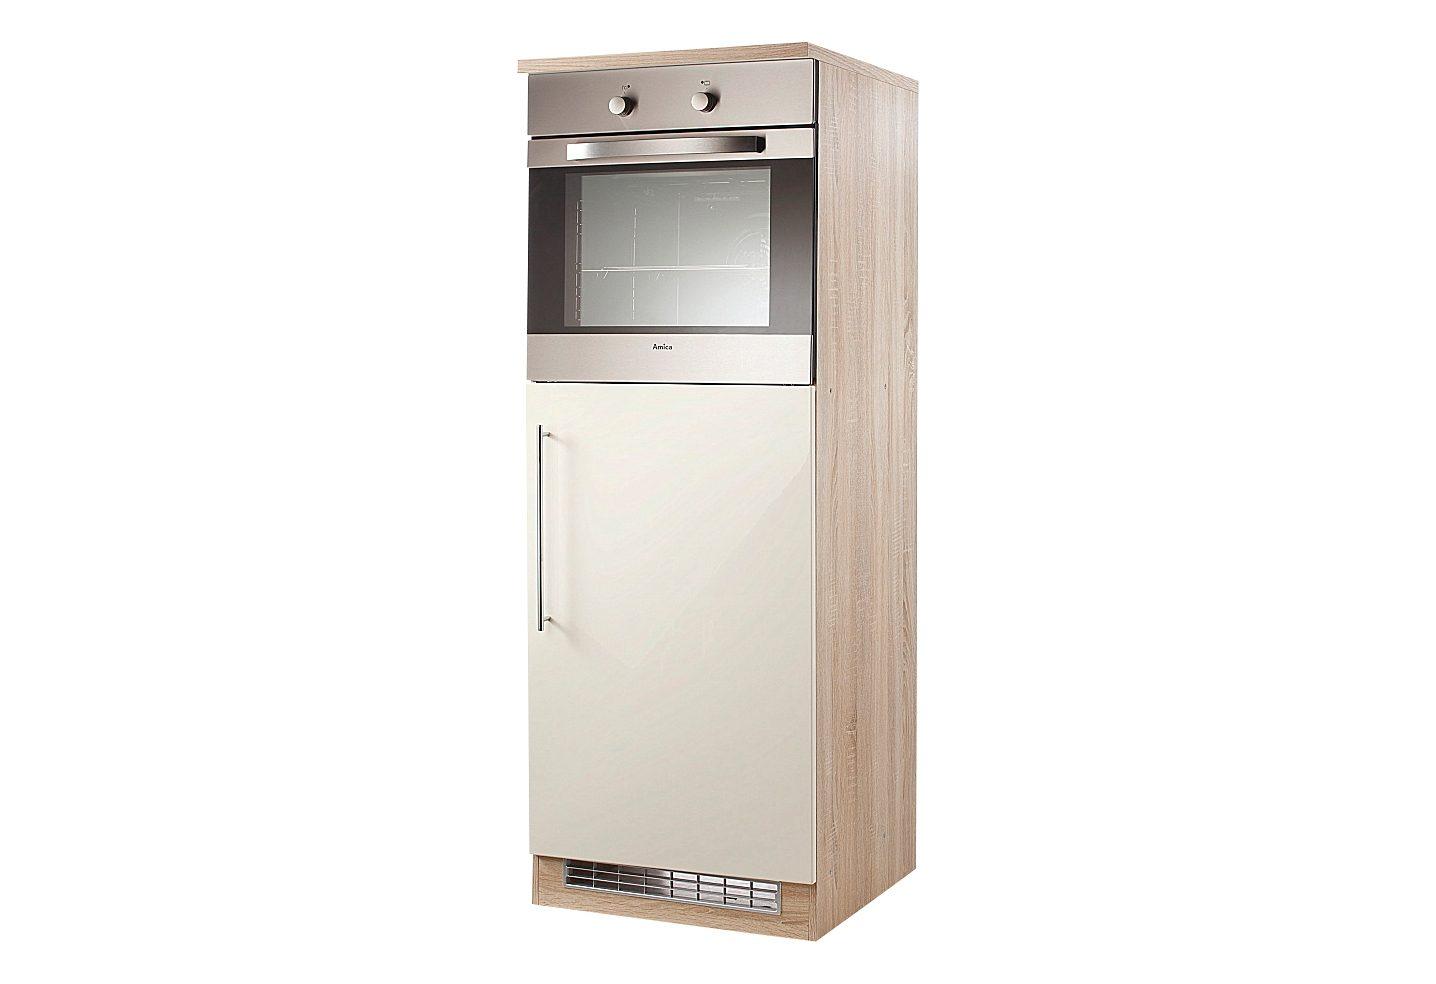 Kühlschrank Creme : Held mÖbel backofen kühlschrank umbauschrank keitum« online